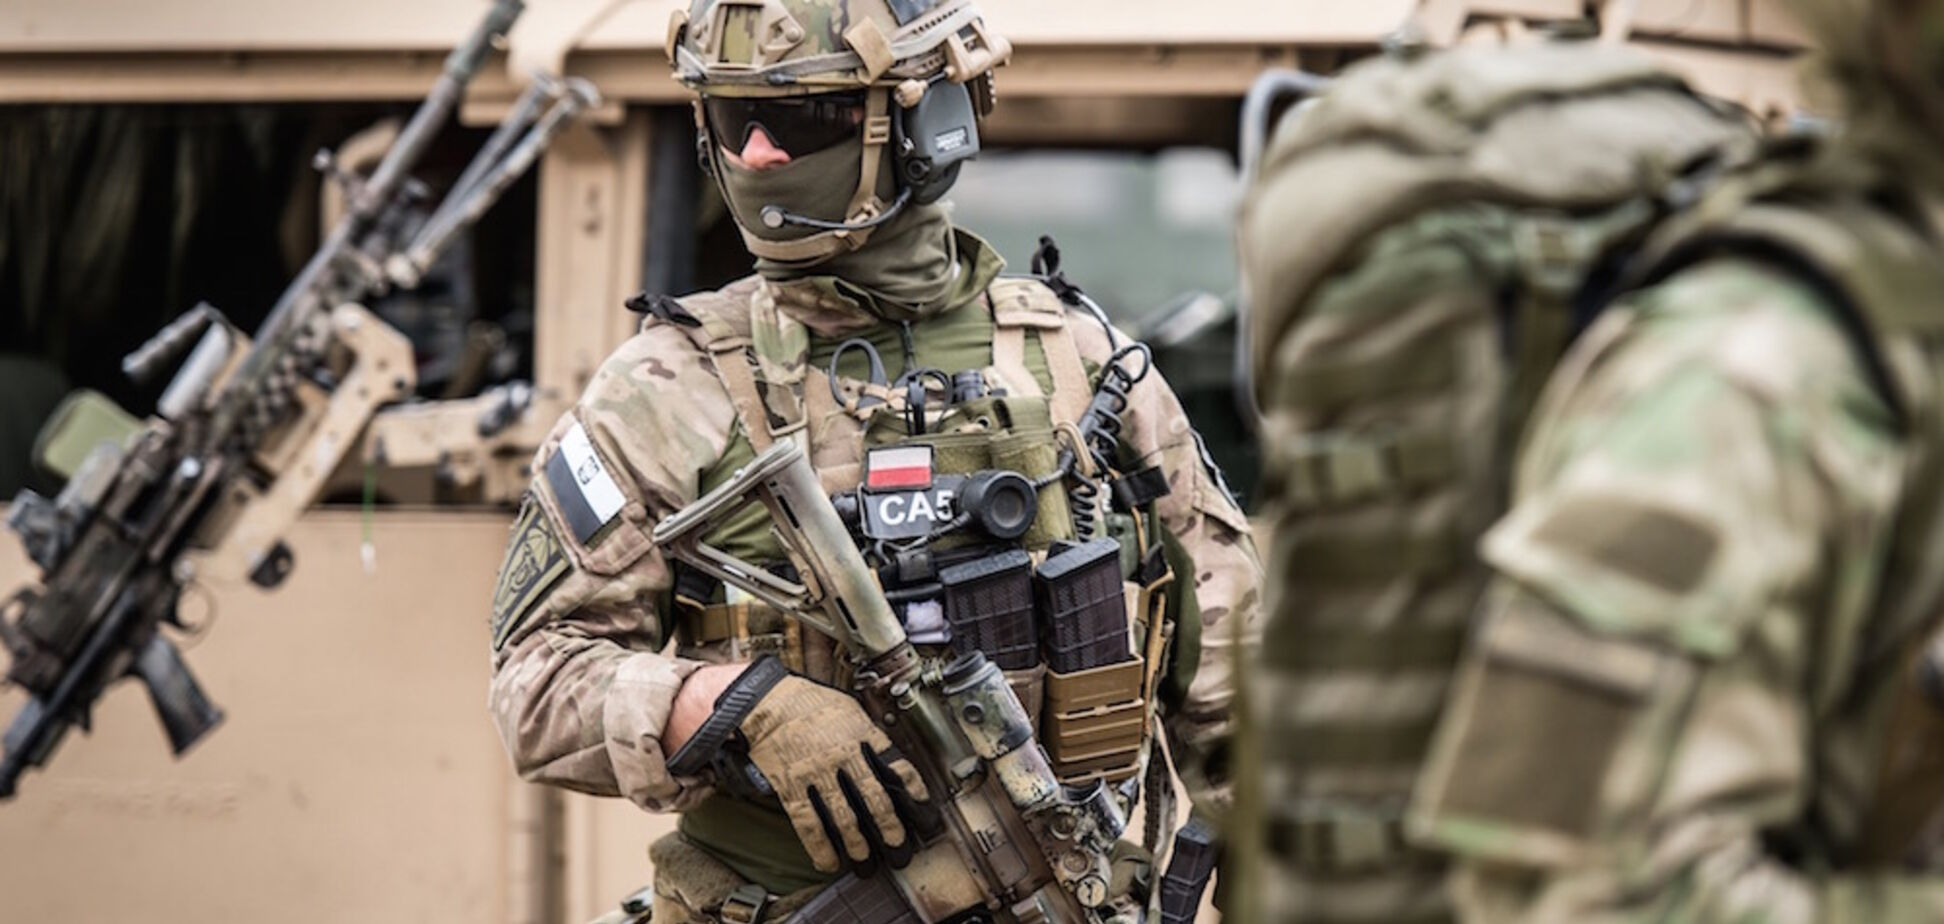 На Донбасс зашел 'польский спецназ': в 'ДНР' закатили истерику